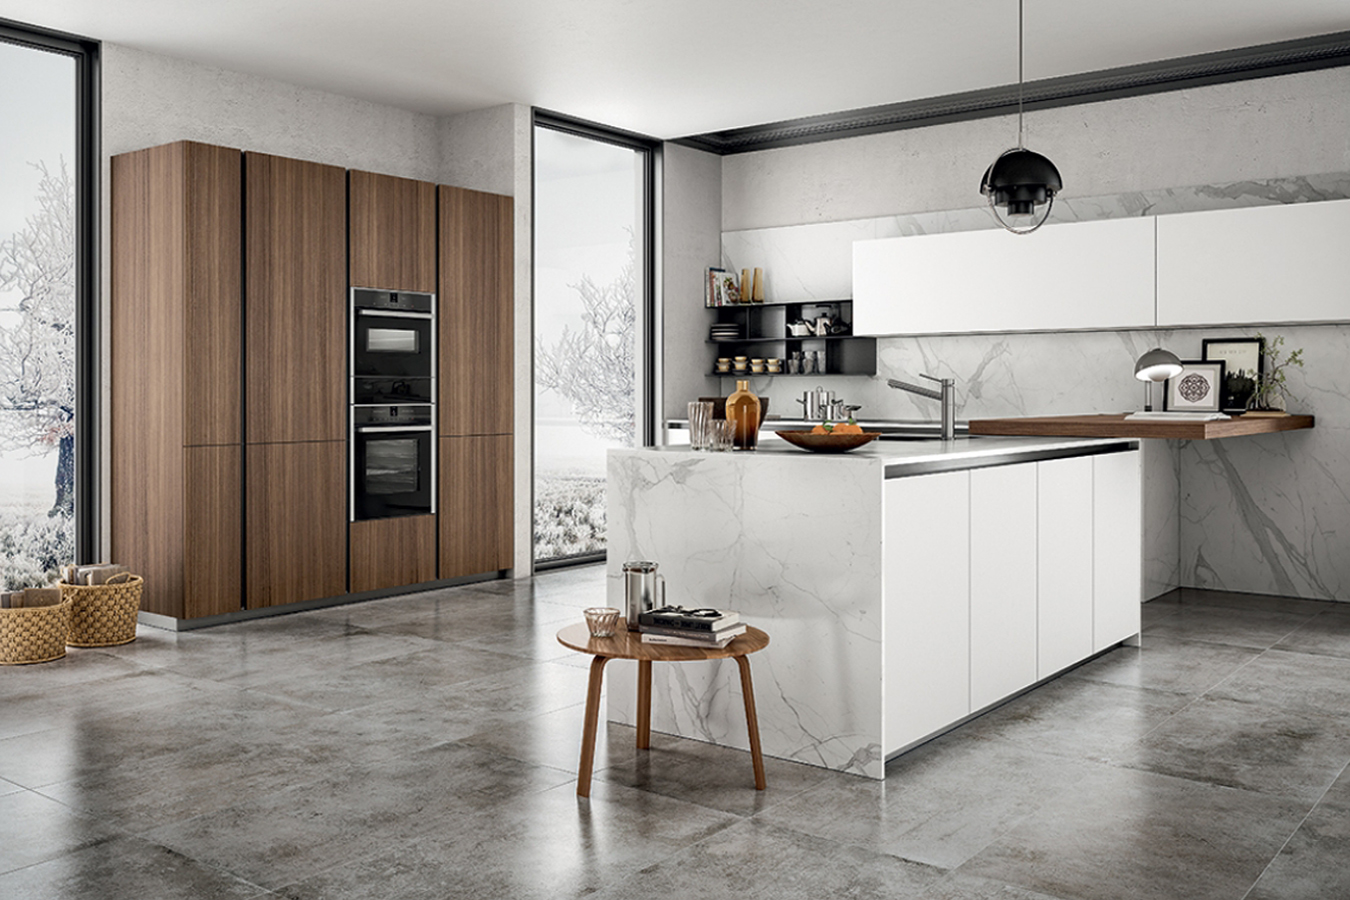 Cucina zetasei di arredo3 righetti mobili novara for Oggettistica cucina online